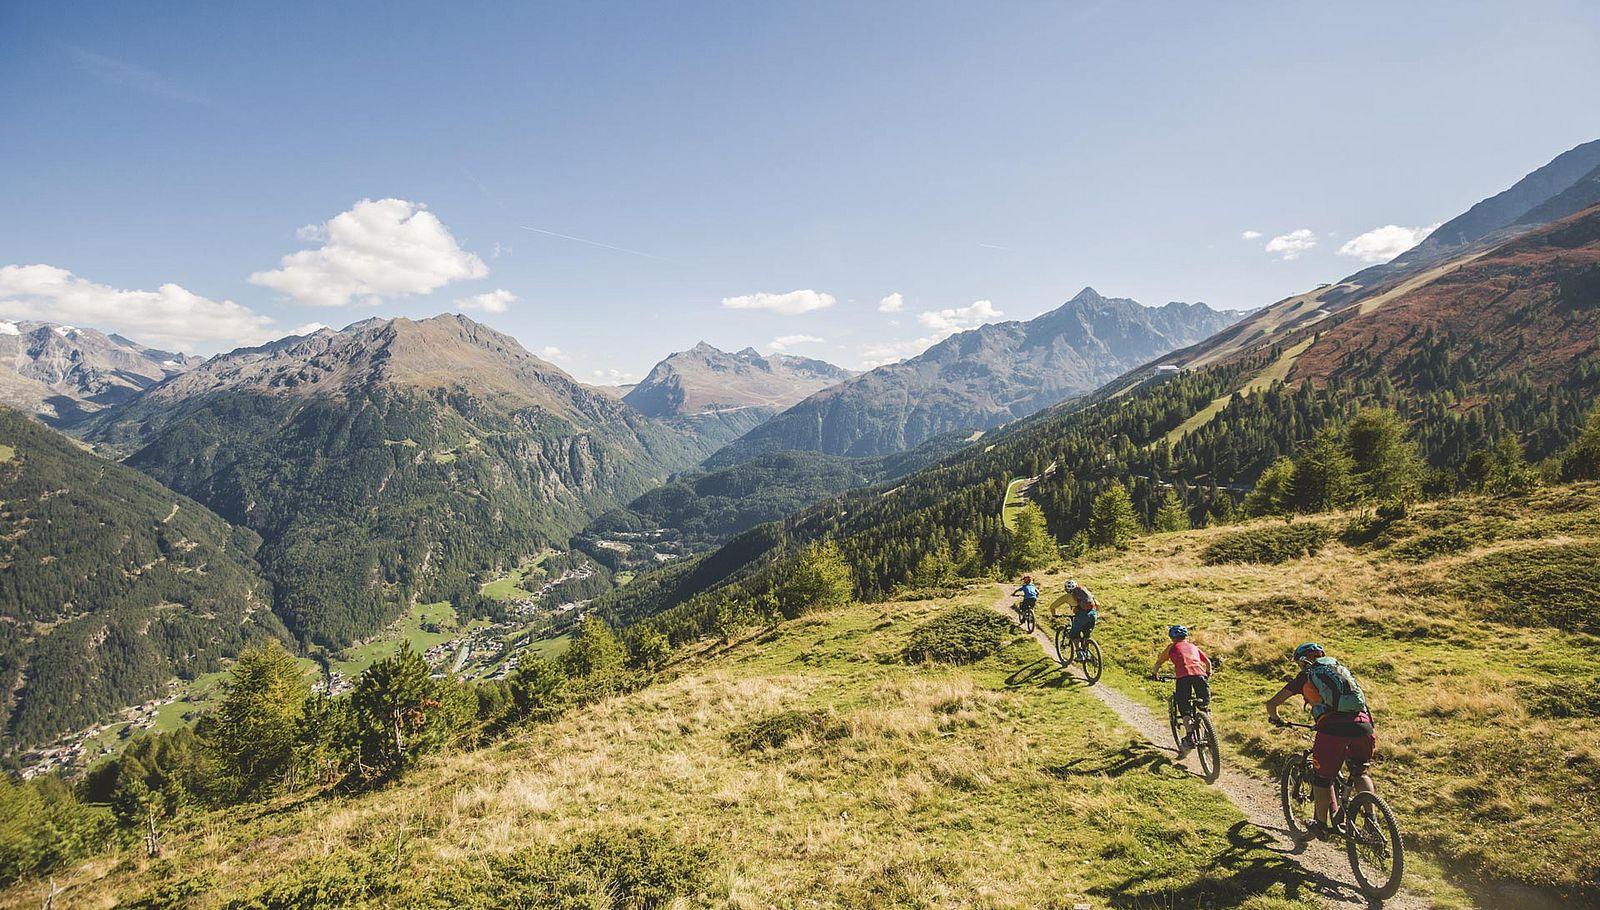 Deine Herausforderung: Mountainbike